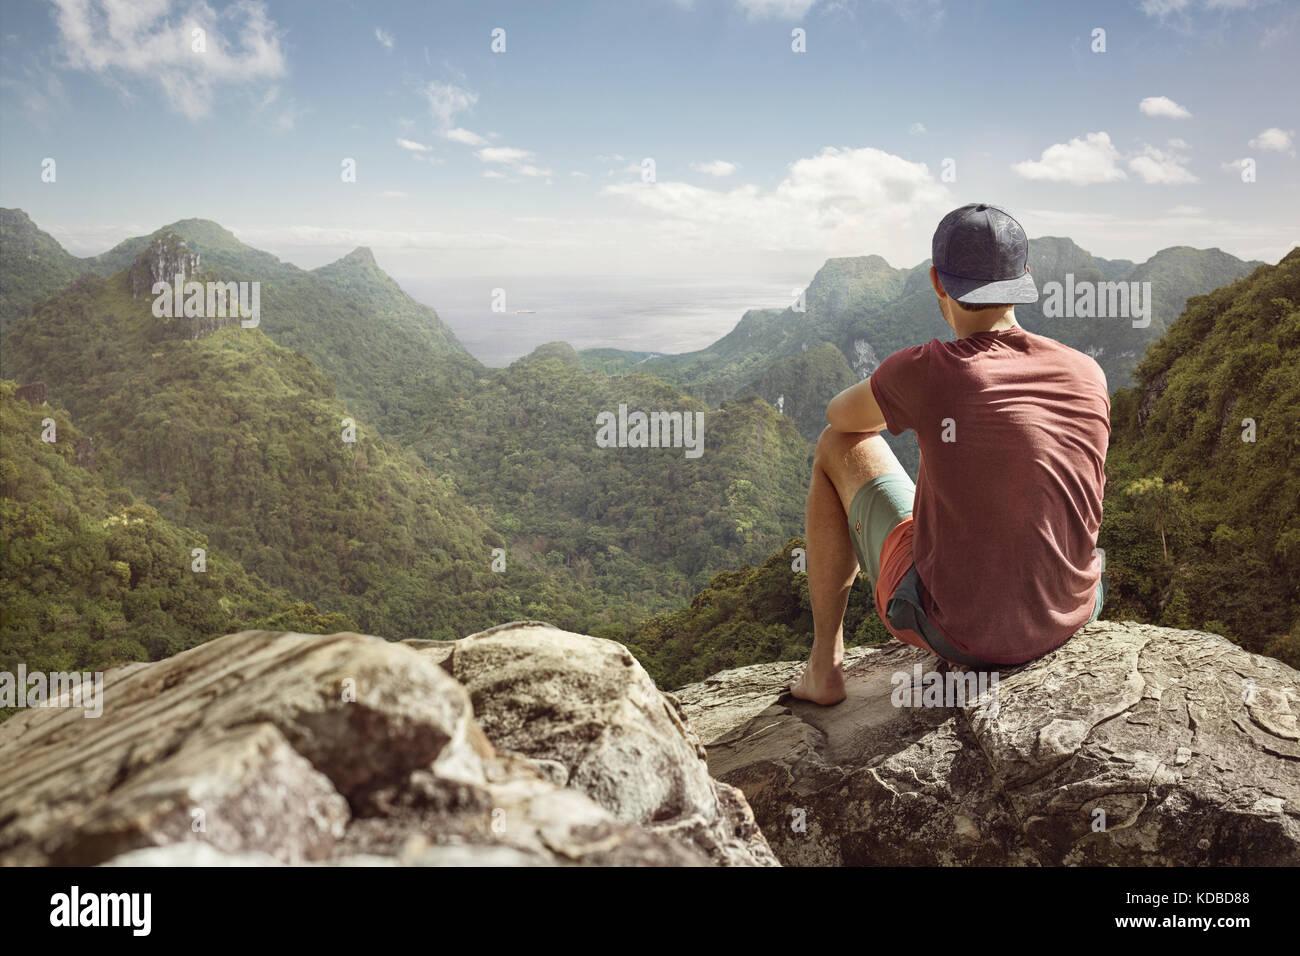 Jeune homme a une vue panoramique sur un paysage tropical Photo Stock